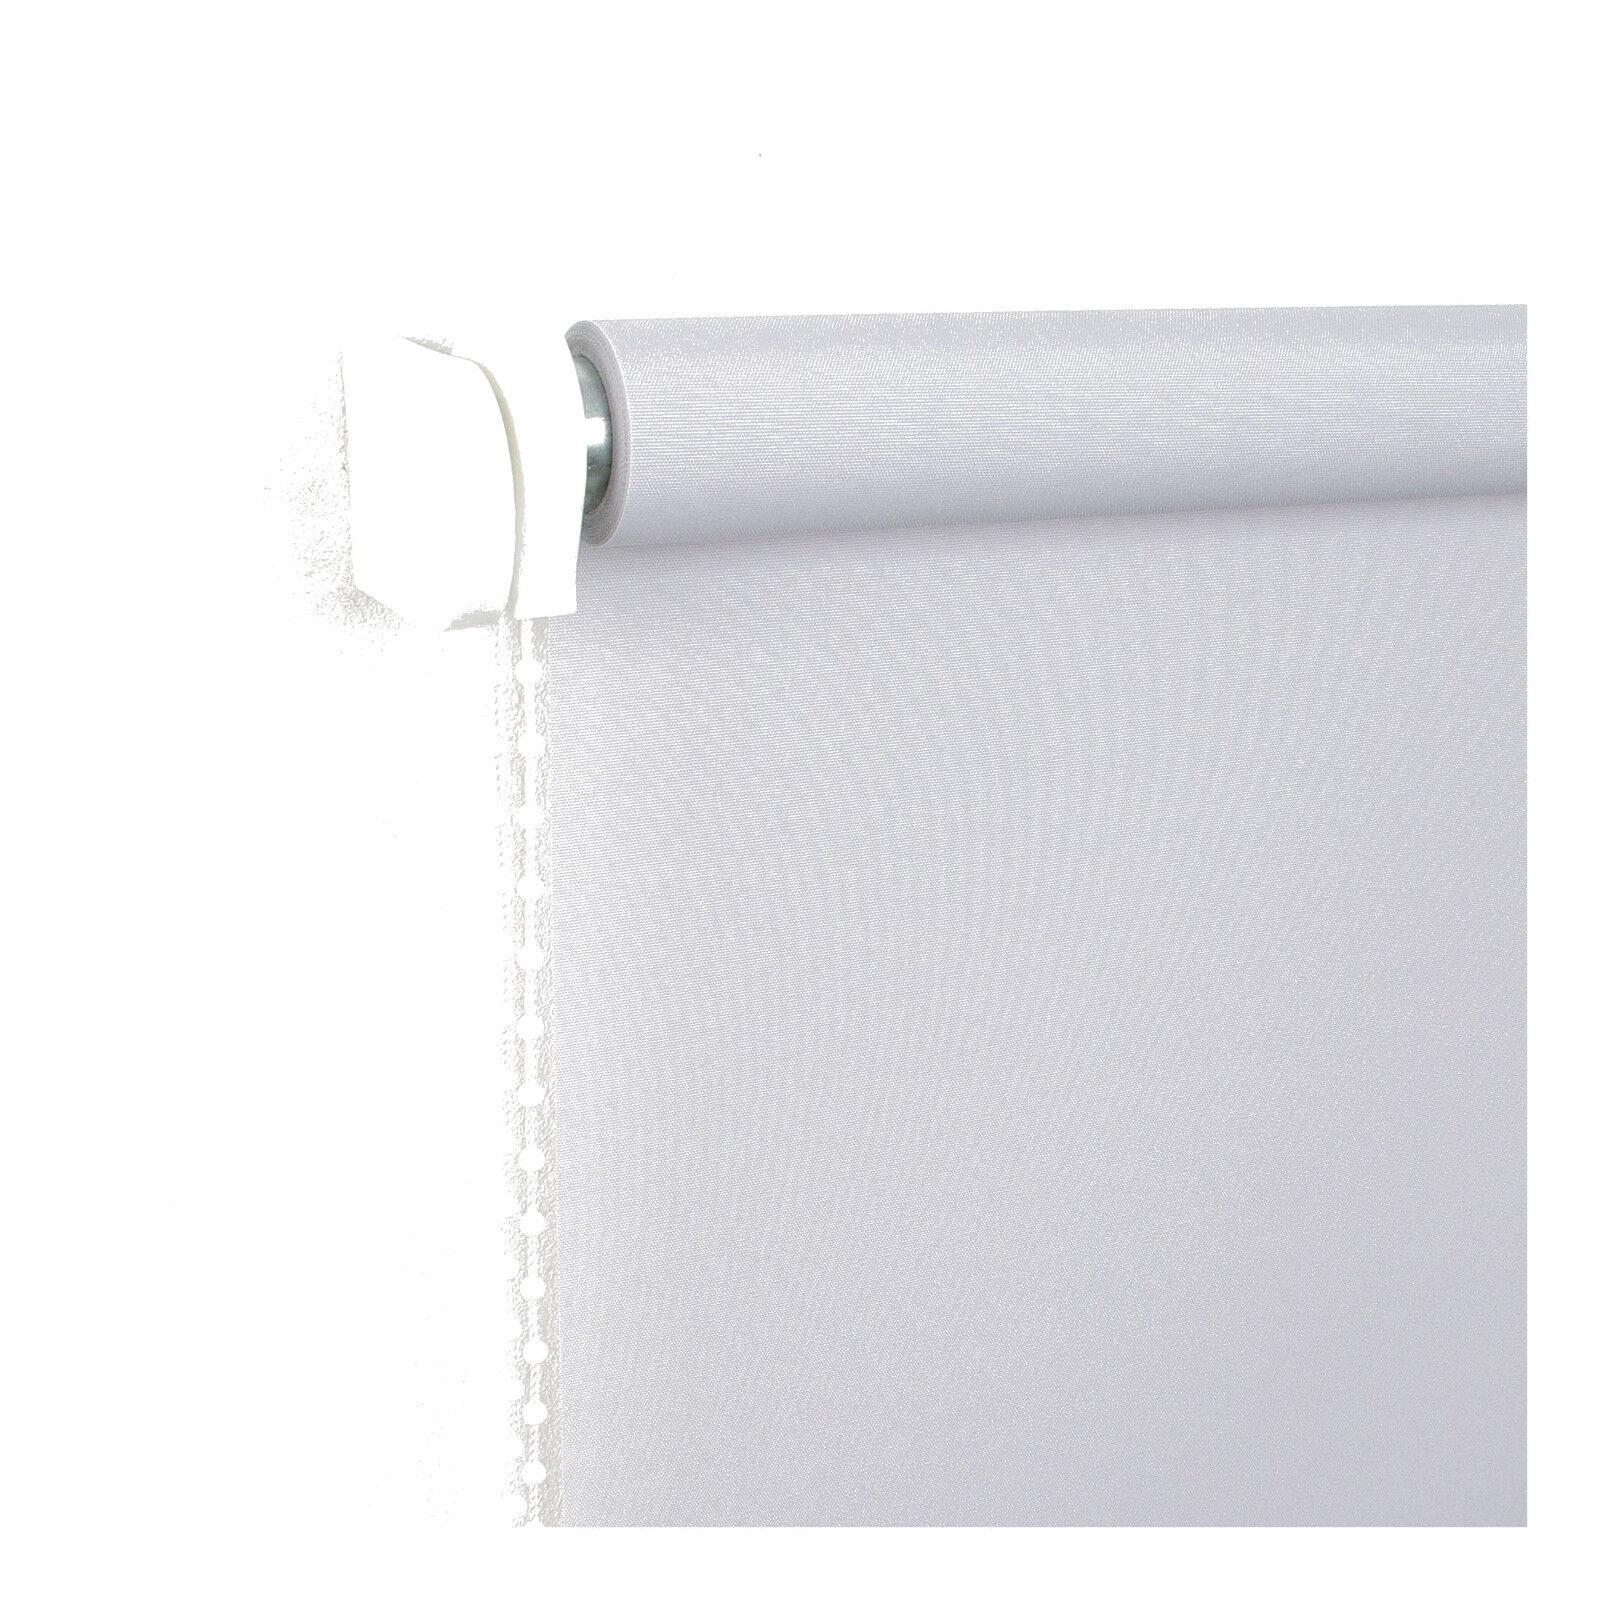 Kettenzugrollo Hellgrau Seitenzugrollo Tür Fensterrollo Sichtschutz Dekoration   Qualitätsprodukte